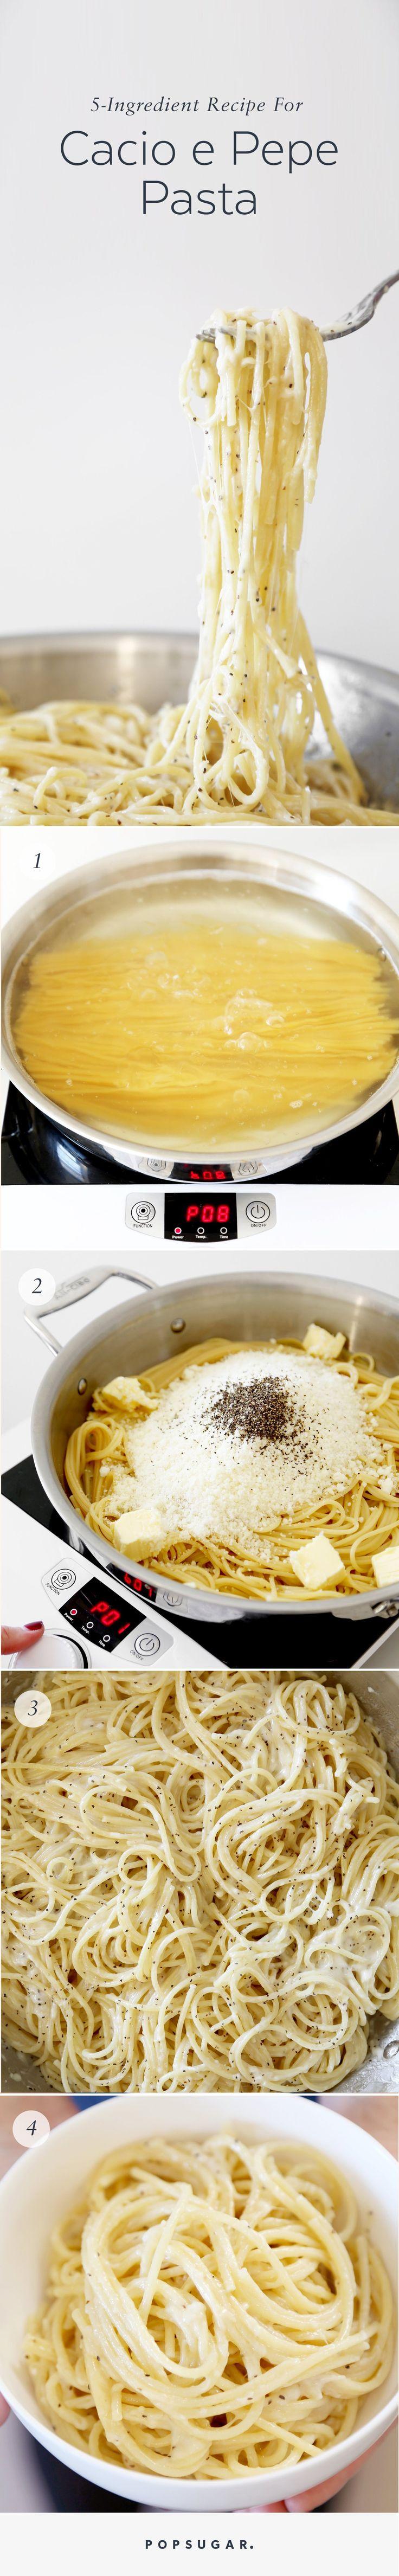 Fast, Easy, Five-Ingredient Recipe For Cacio e Pepe Pasta   POPSUGAR Food